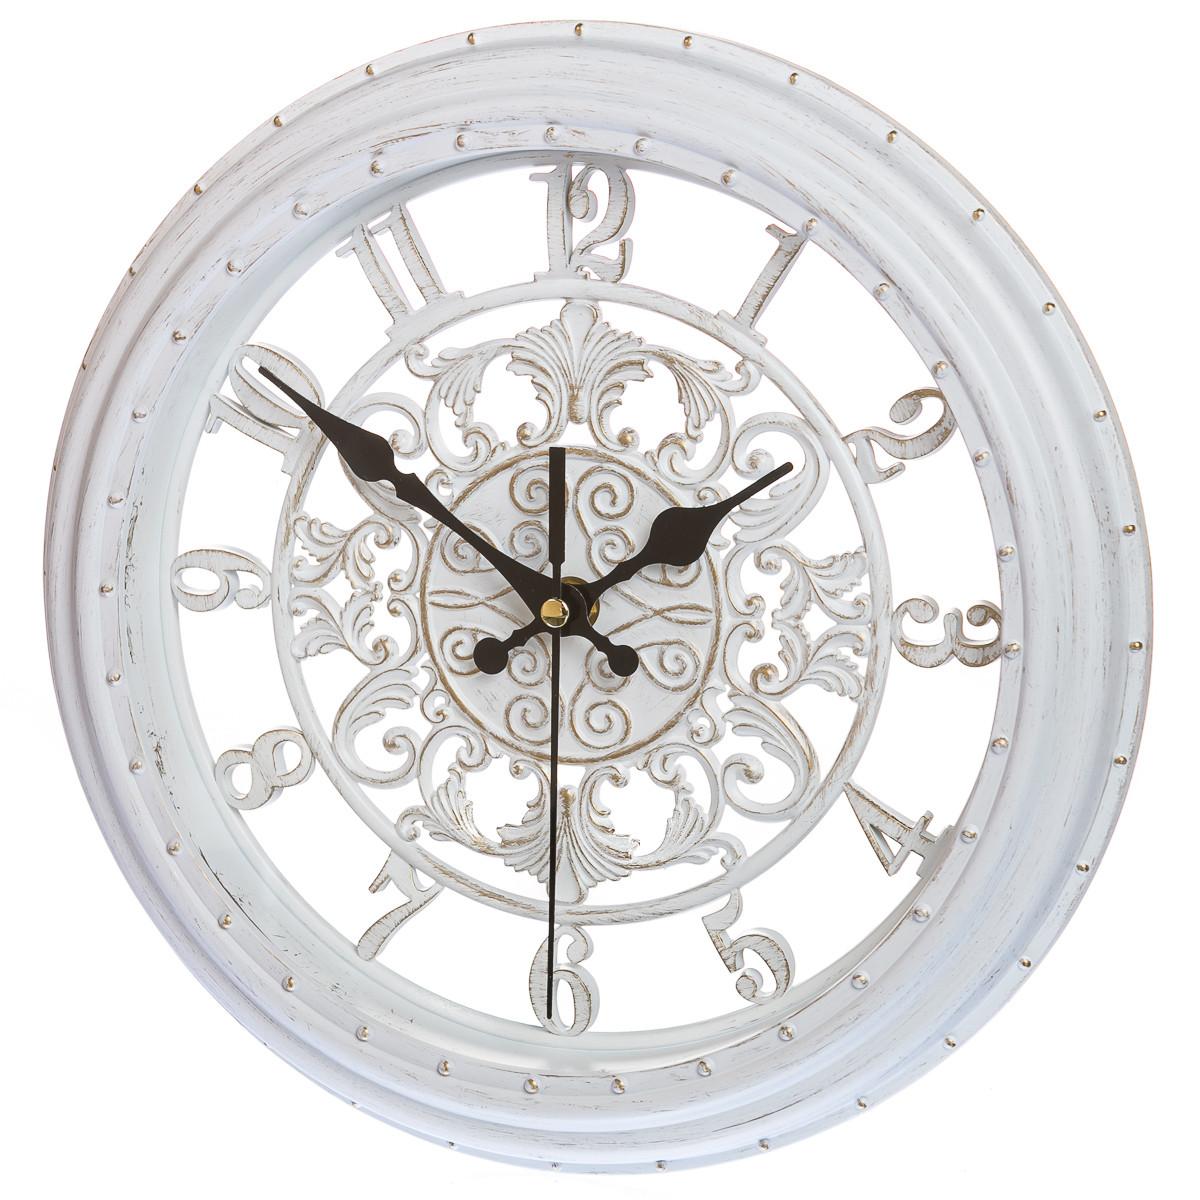 Часы стиль прованс купить в швейцарские часы купить оригинал цена